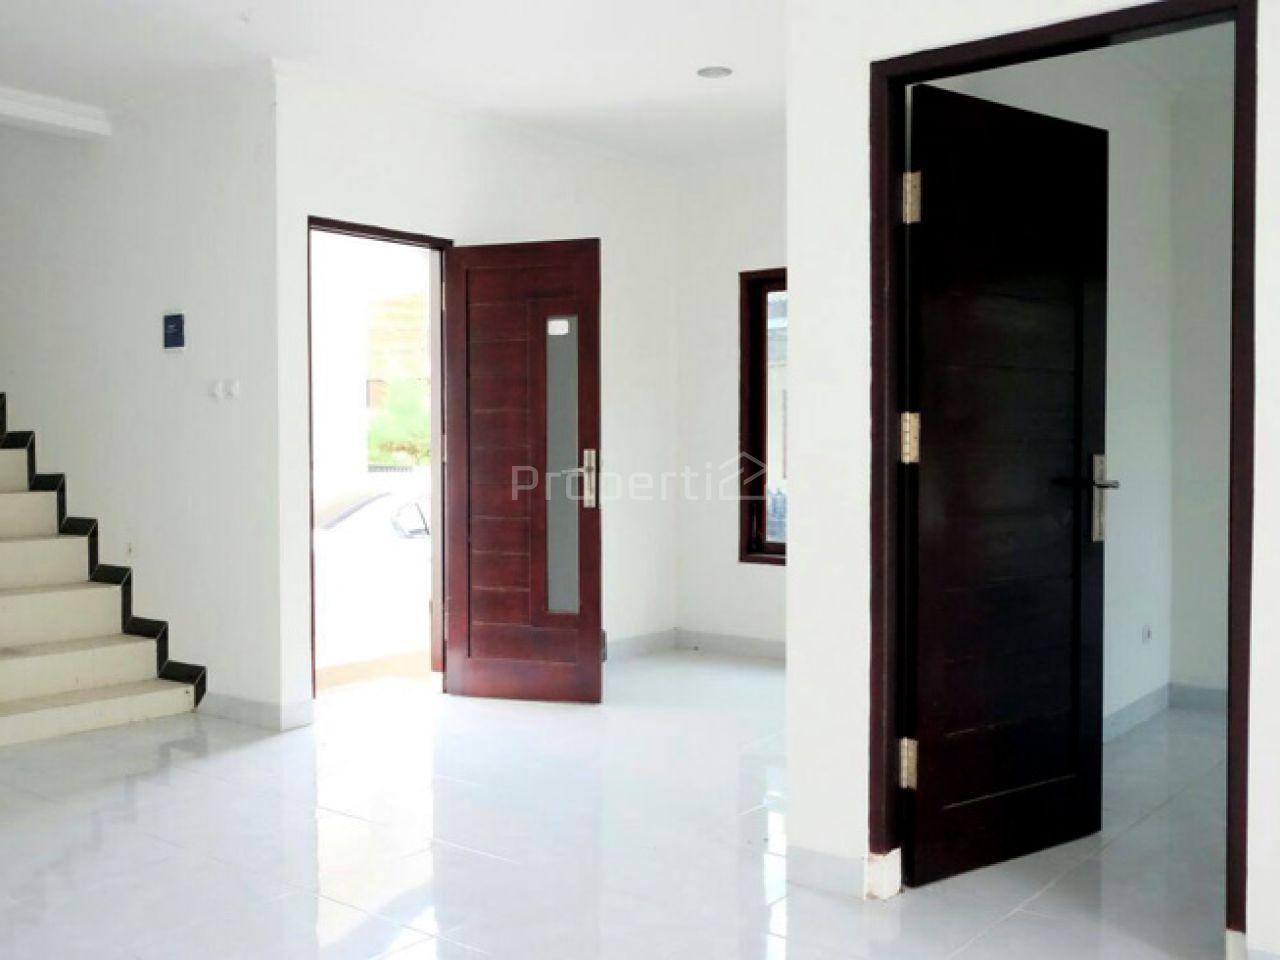 Rumah Baru di Sleman, Di Yogyakarta